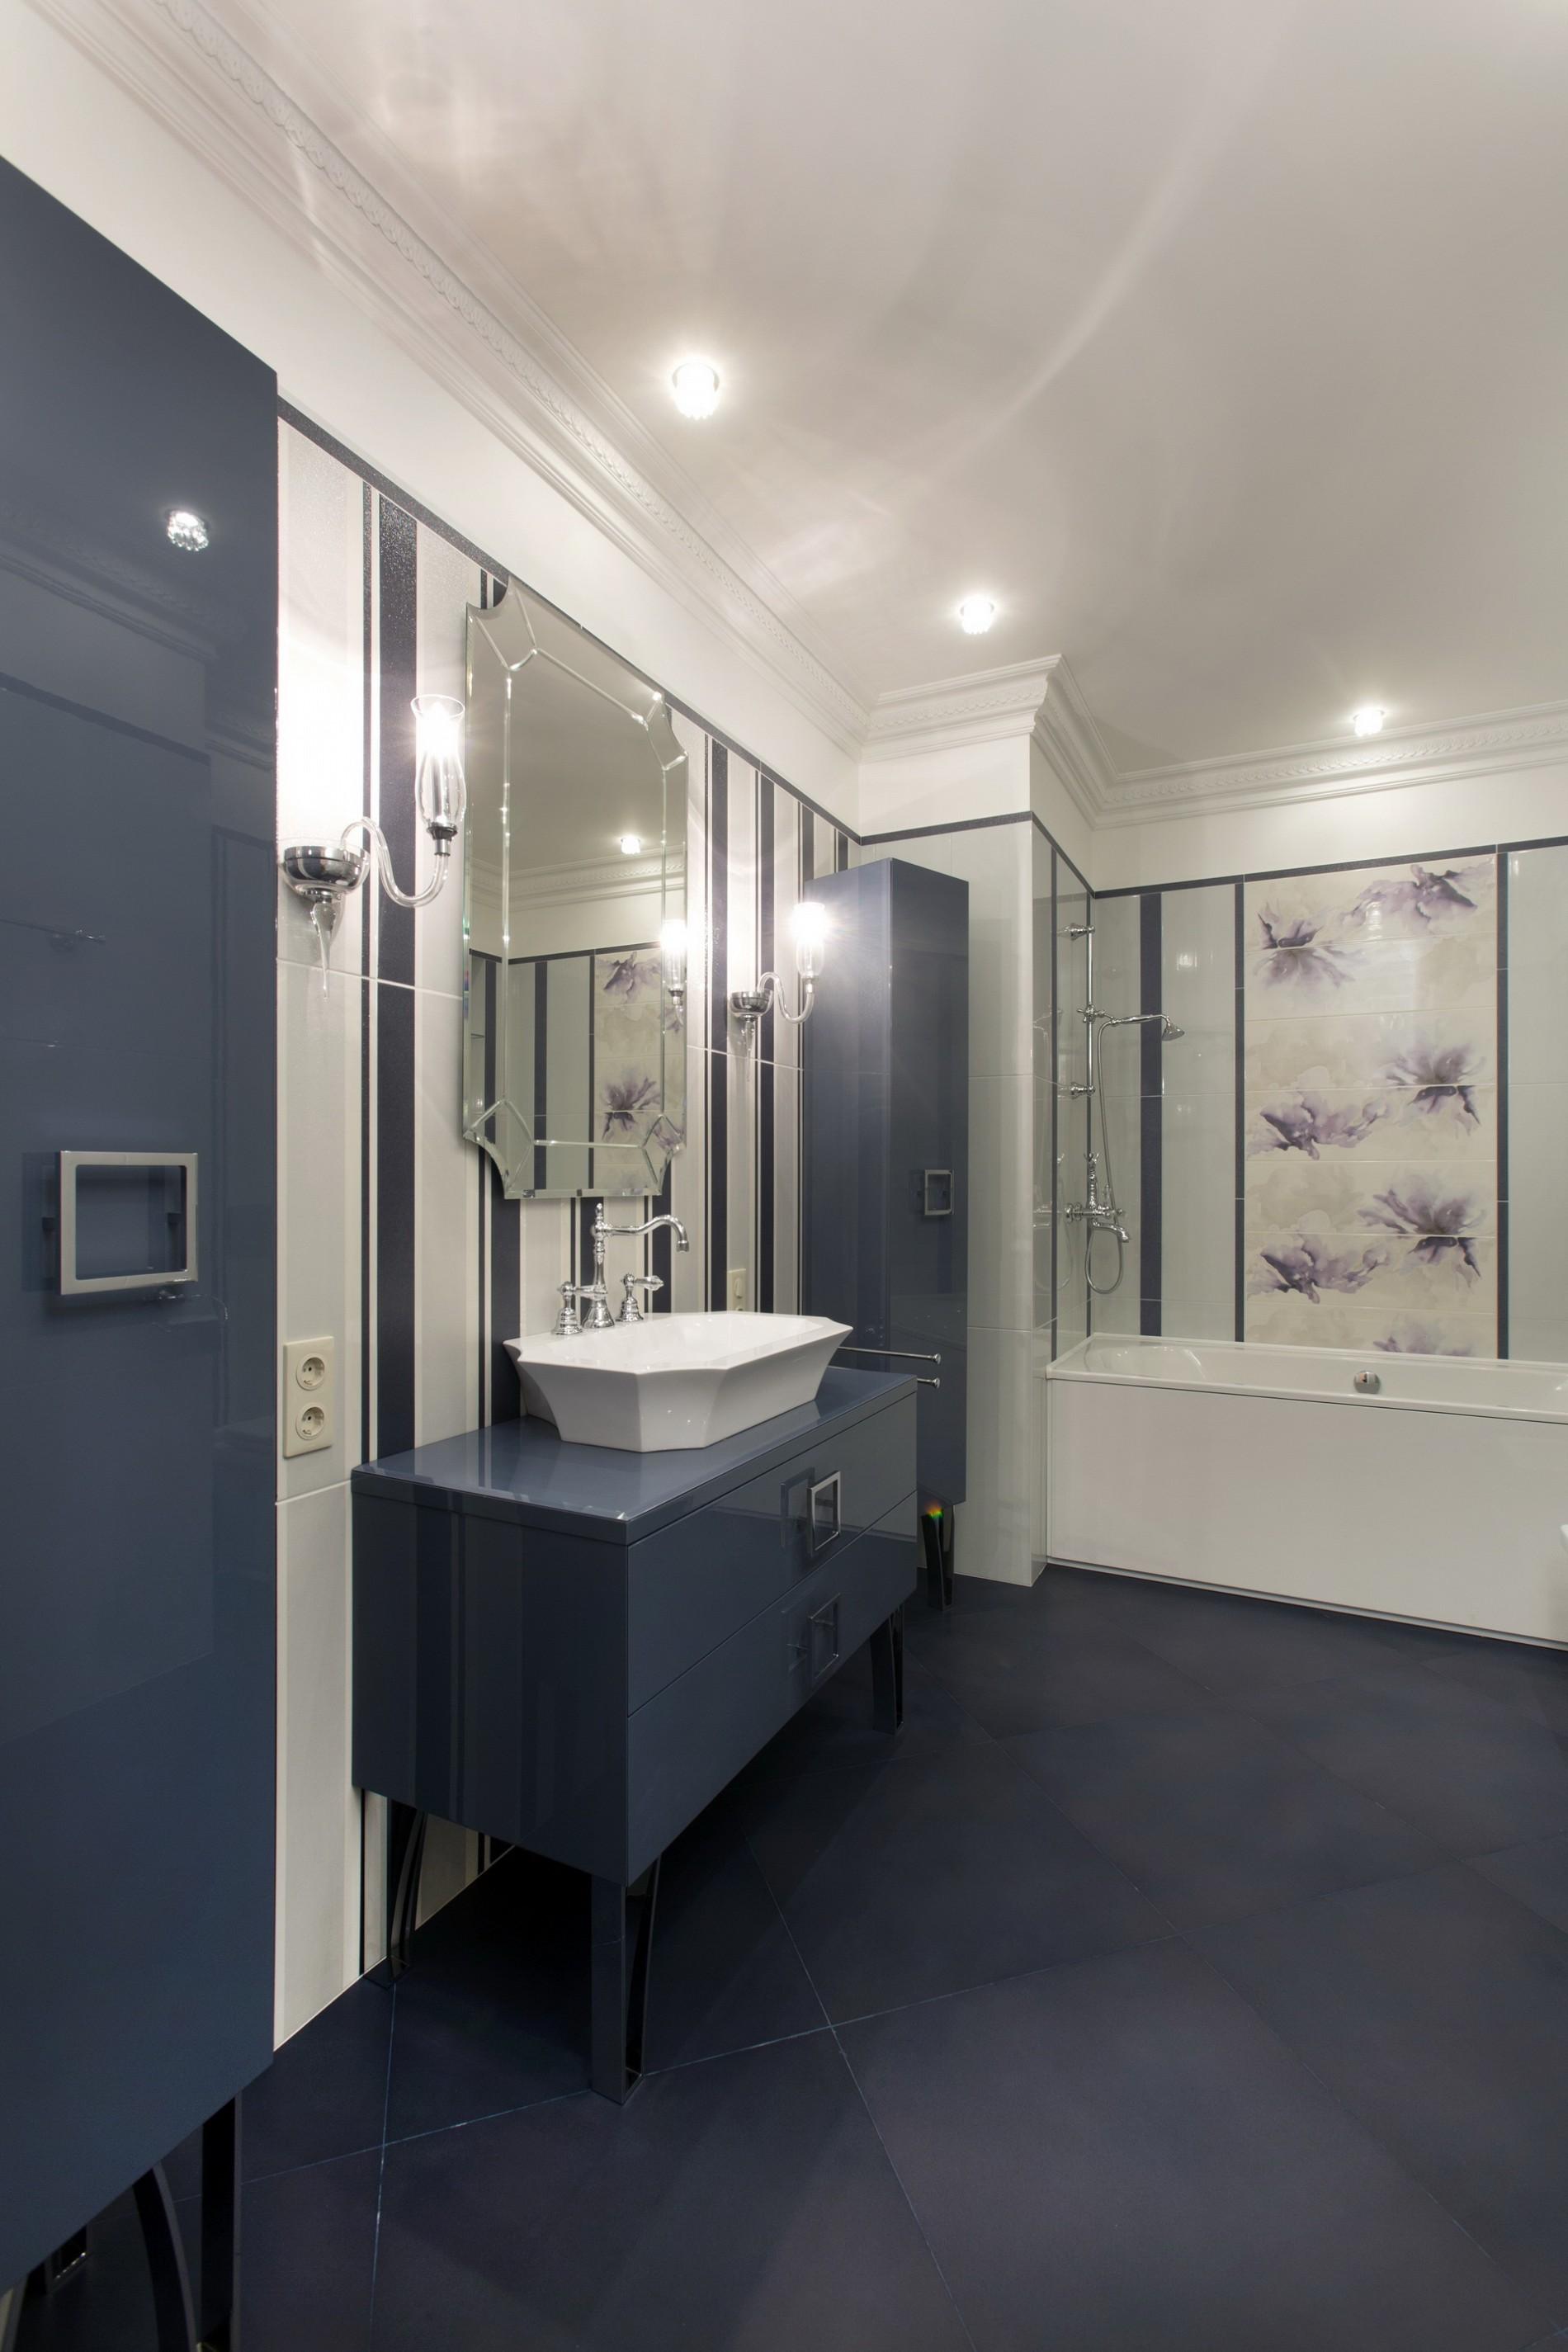 Элитная ванная в синих тонах